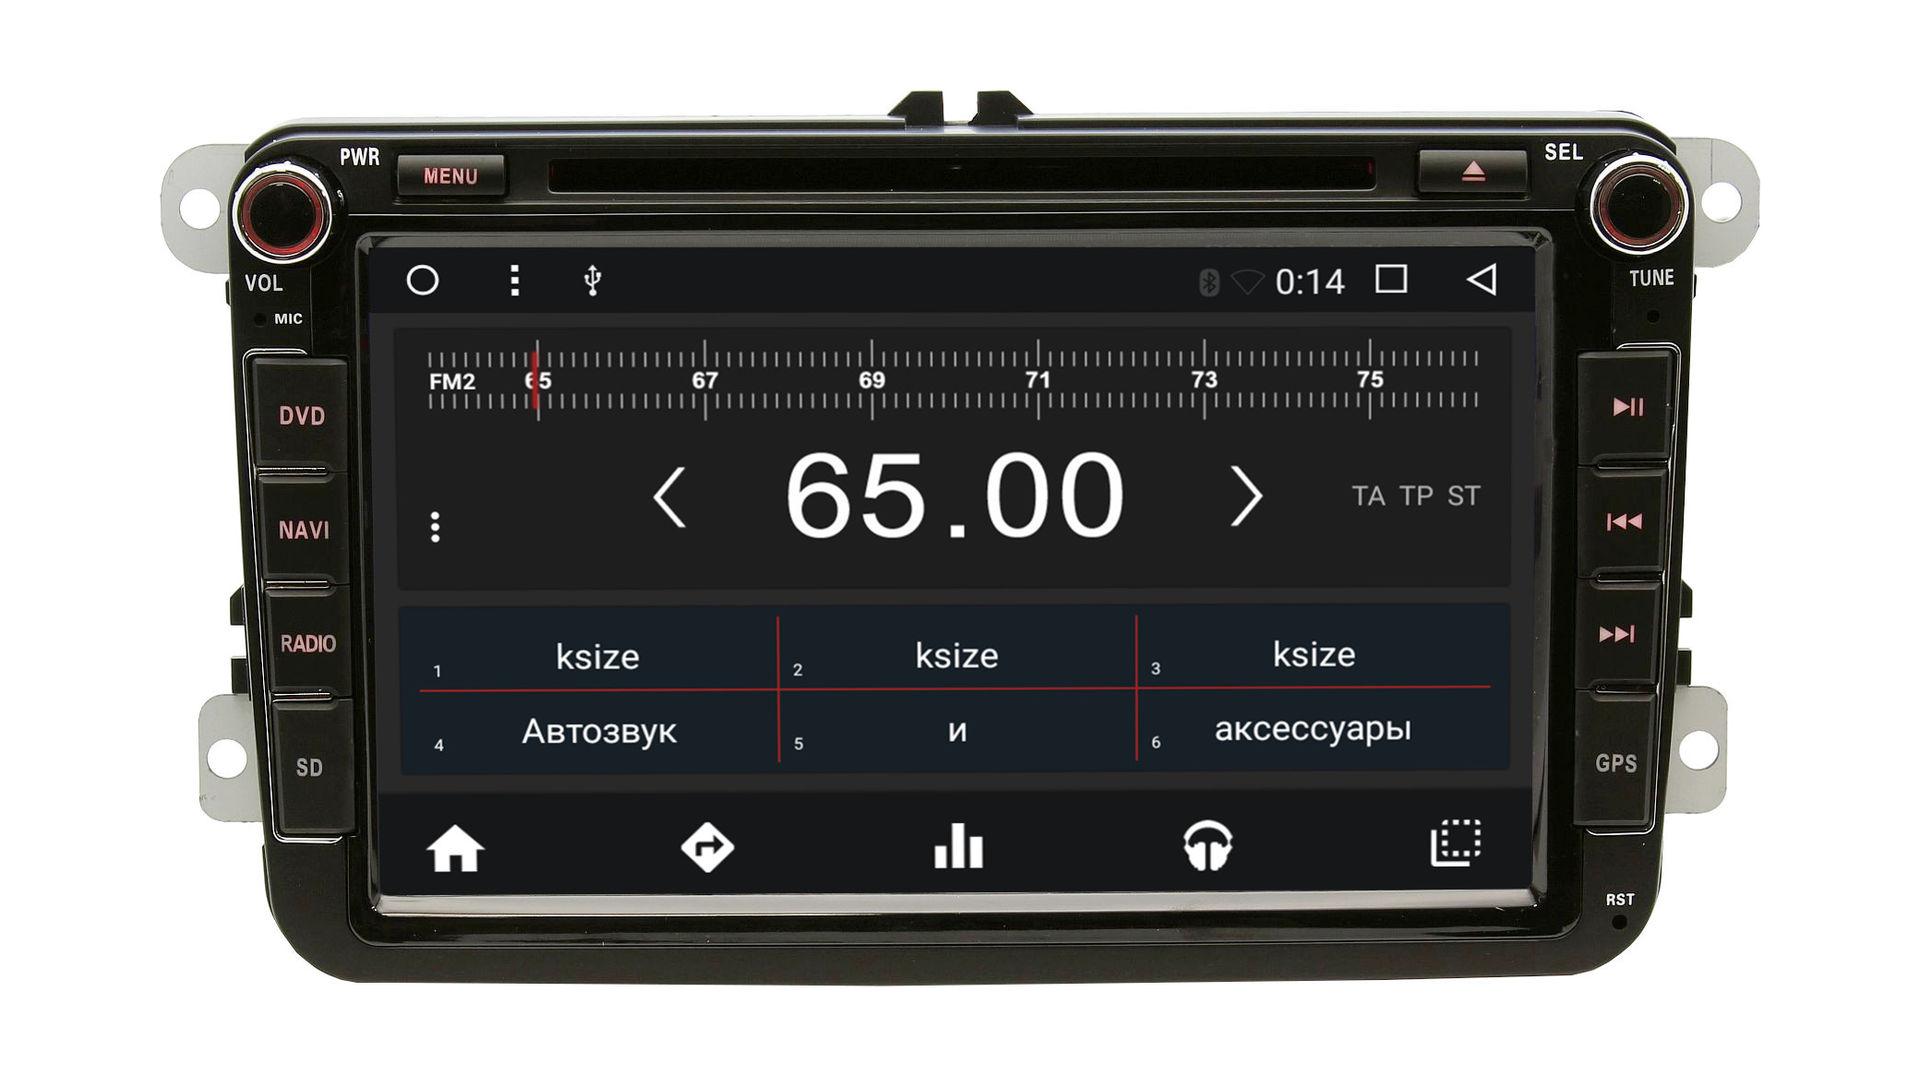 Штатная магнитола Wide Media WM-VS8A802MA для Volkswagen универсальная 8 Android 6.0.1